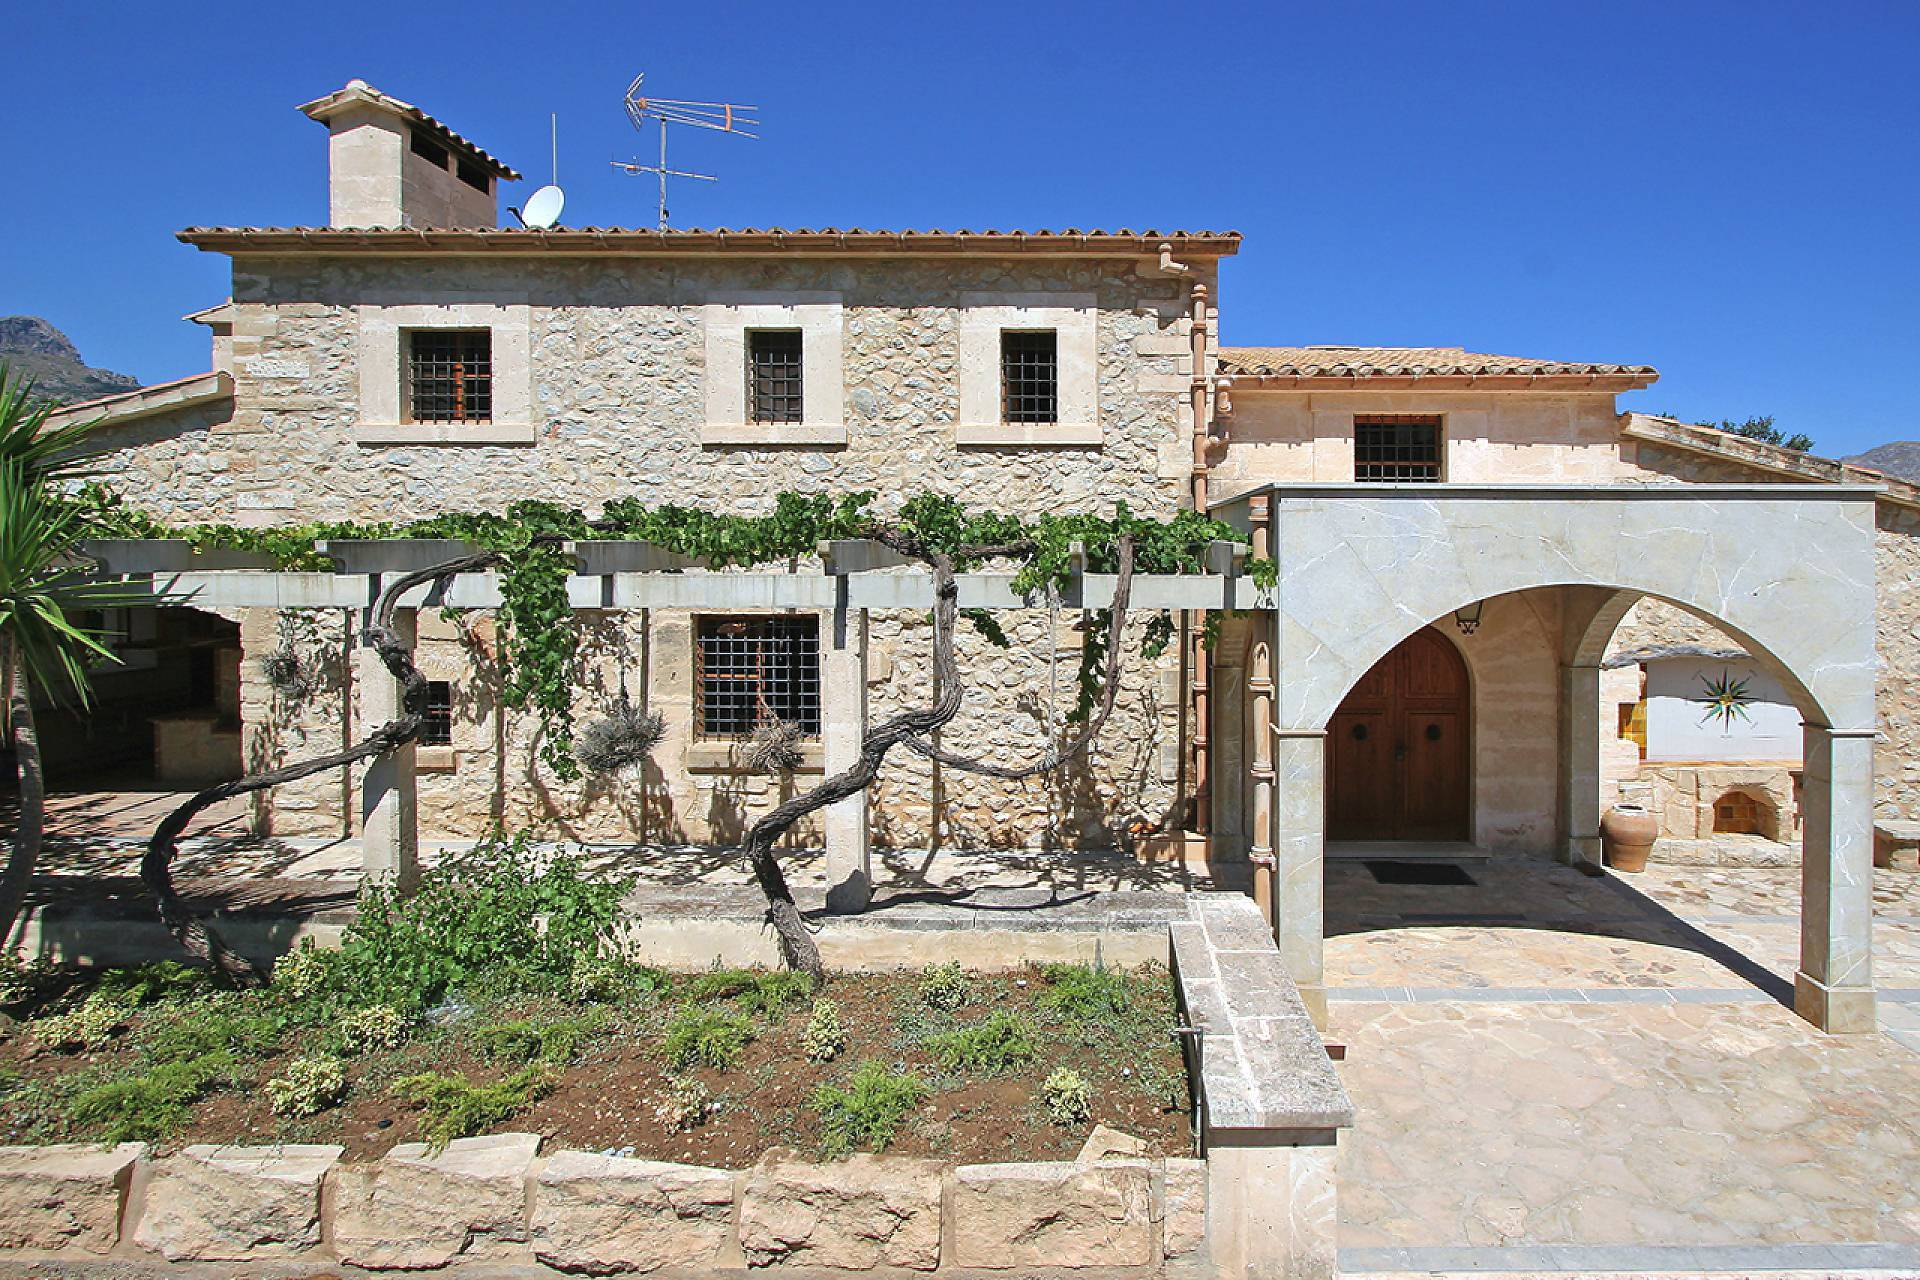 01-148 altes Farmhaus Mallorca Norden Bild 8